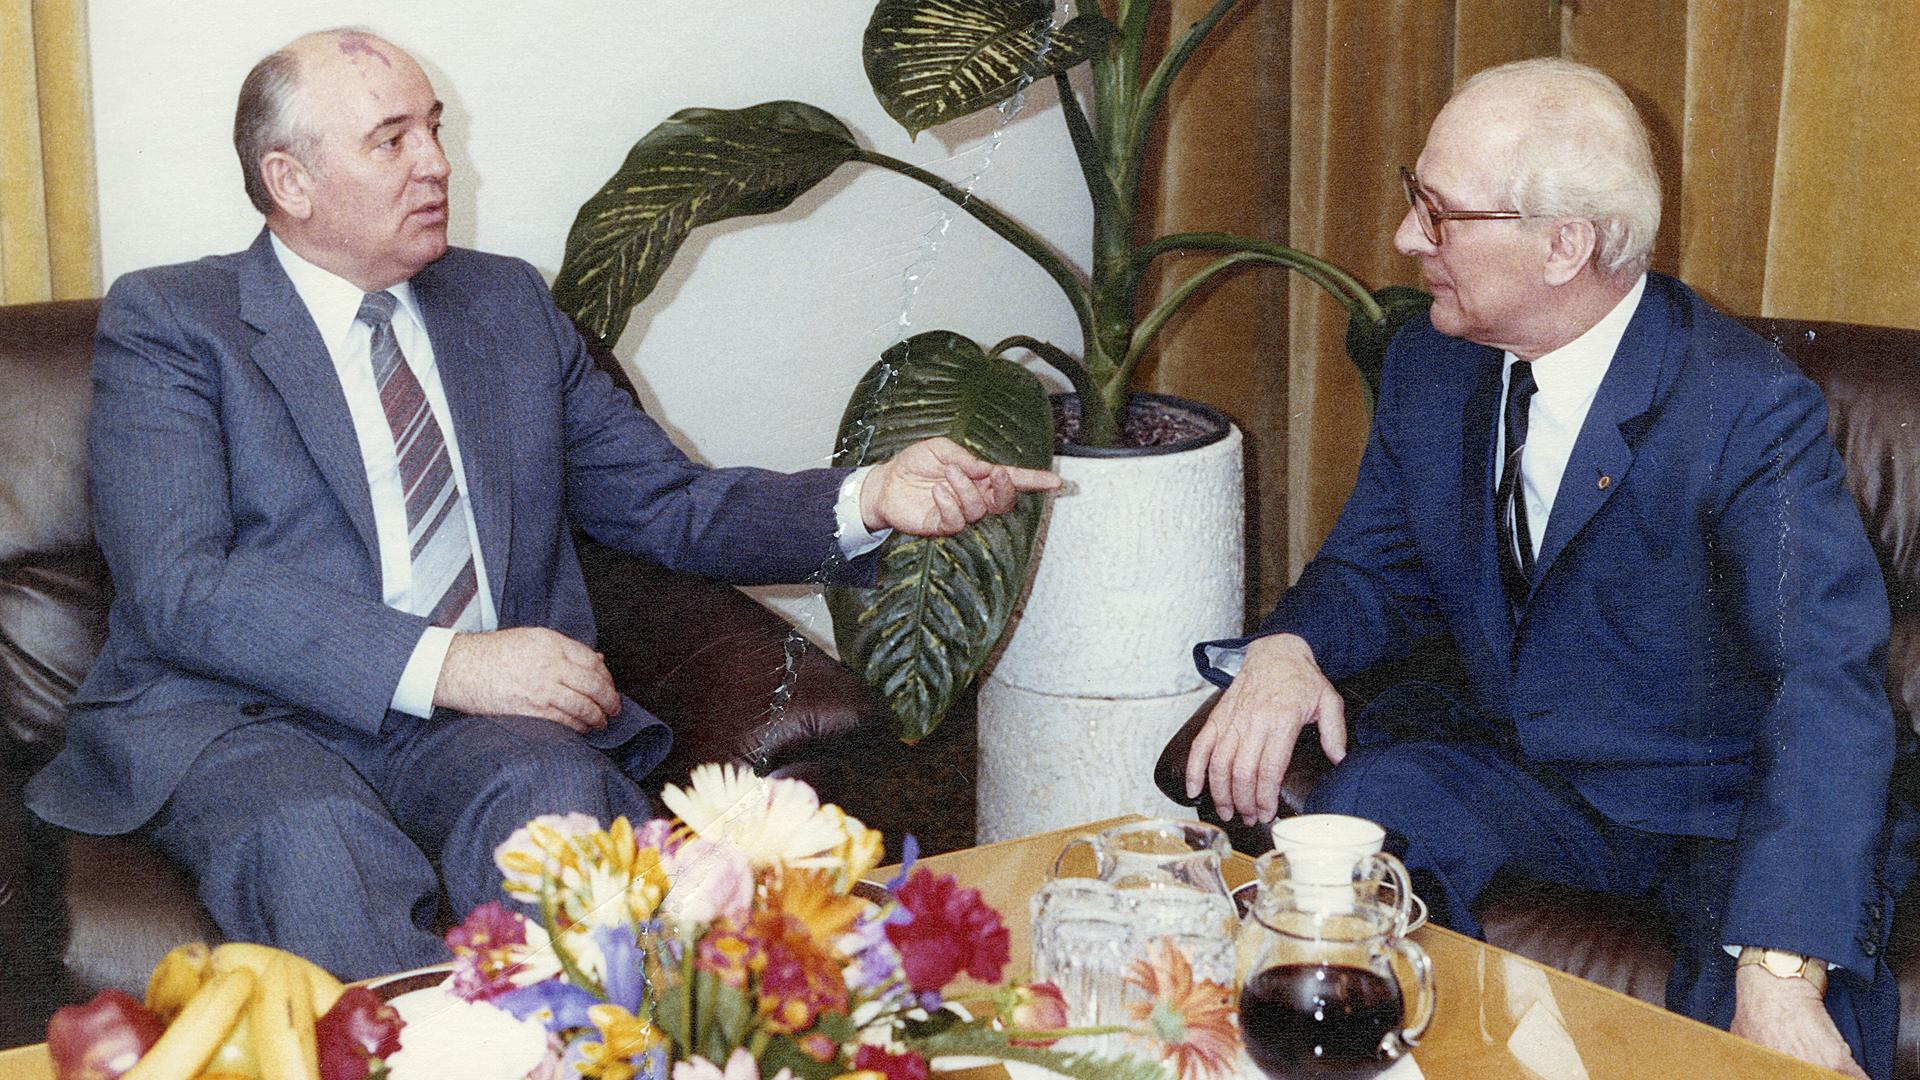 Das Bild zeigt Michail Gorbatschowund Erich Honeckerim Gespräch.